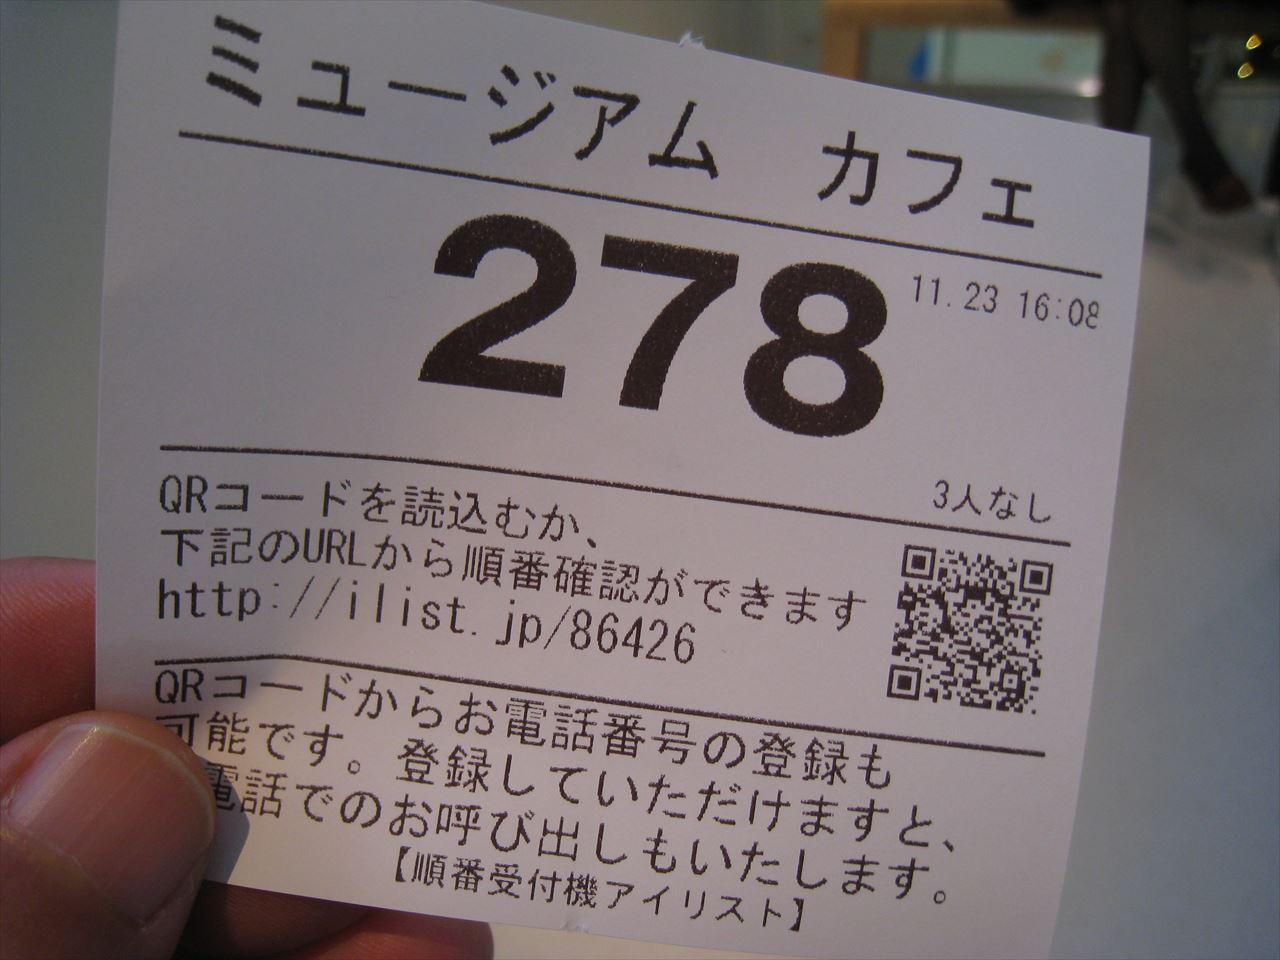 藤子・F・不二雄ミュージアム入場整理券